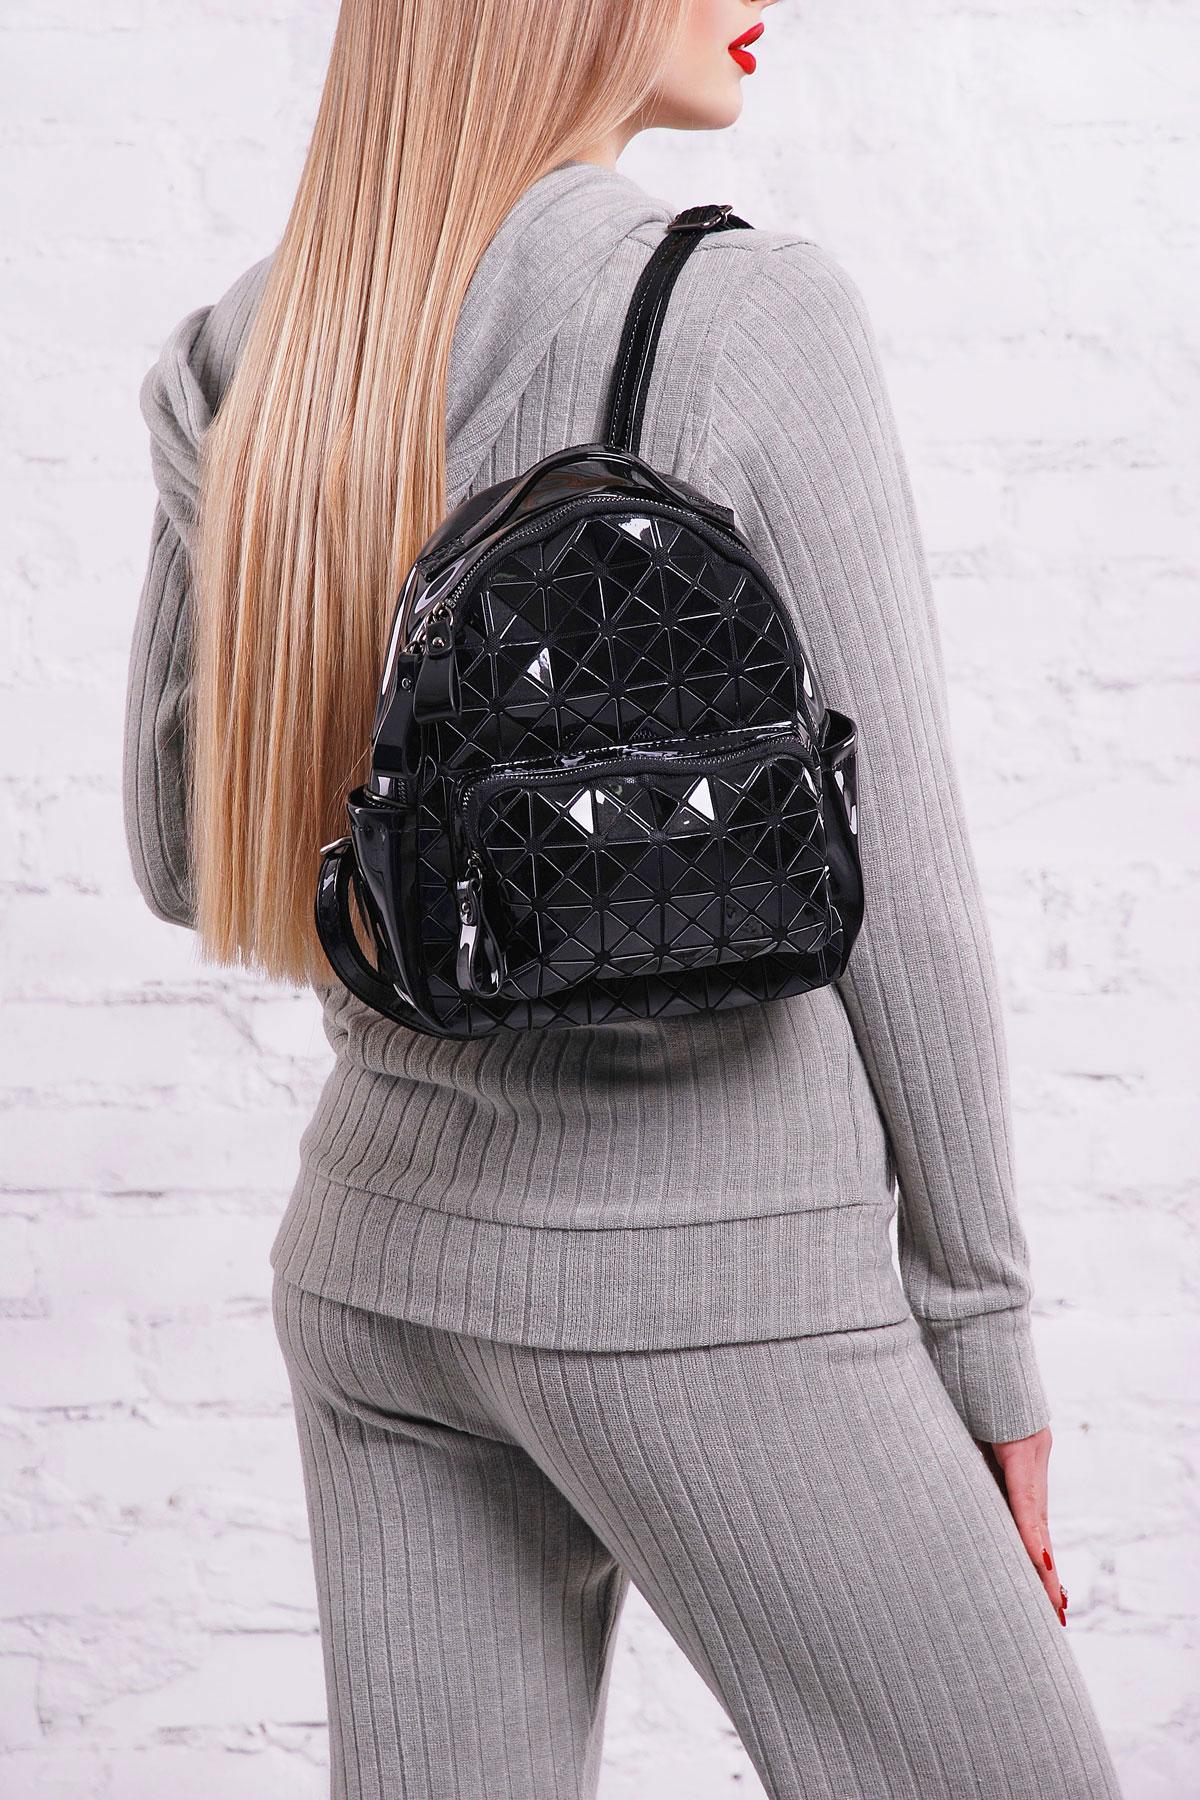 f80278f0b795 Цвет: черный купить · женский лакированный рюкзак цвета молоко. Рюкзак  26311. Цвет: черный цена